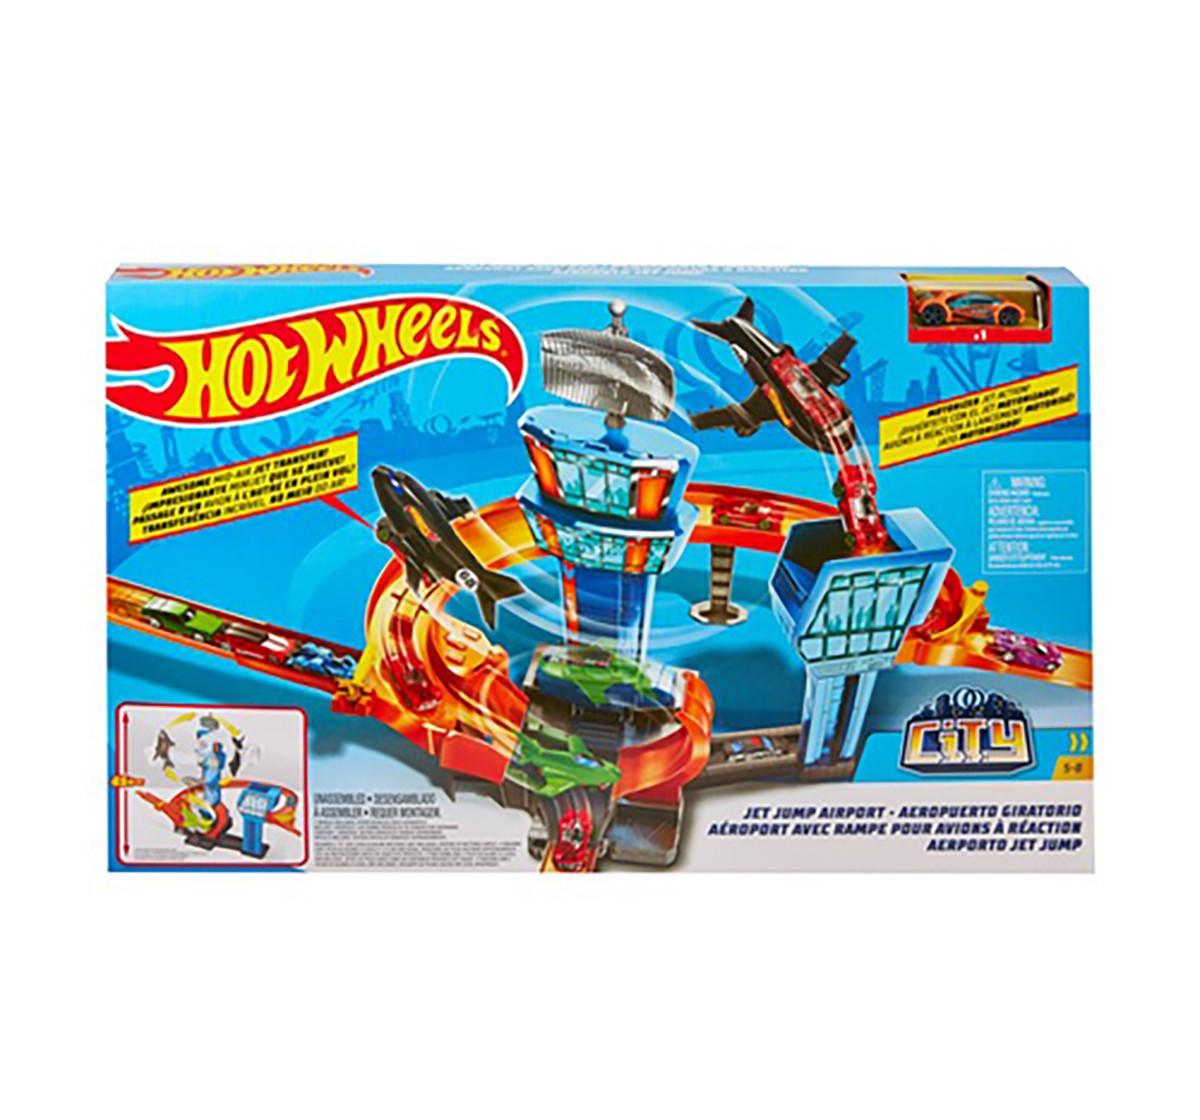 Hotwheels Motorized Jet Set Tracksets & Train Sets for Kids age 5Y+